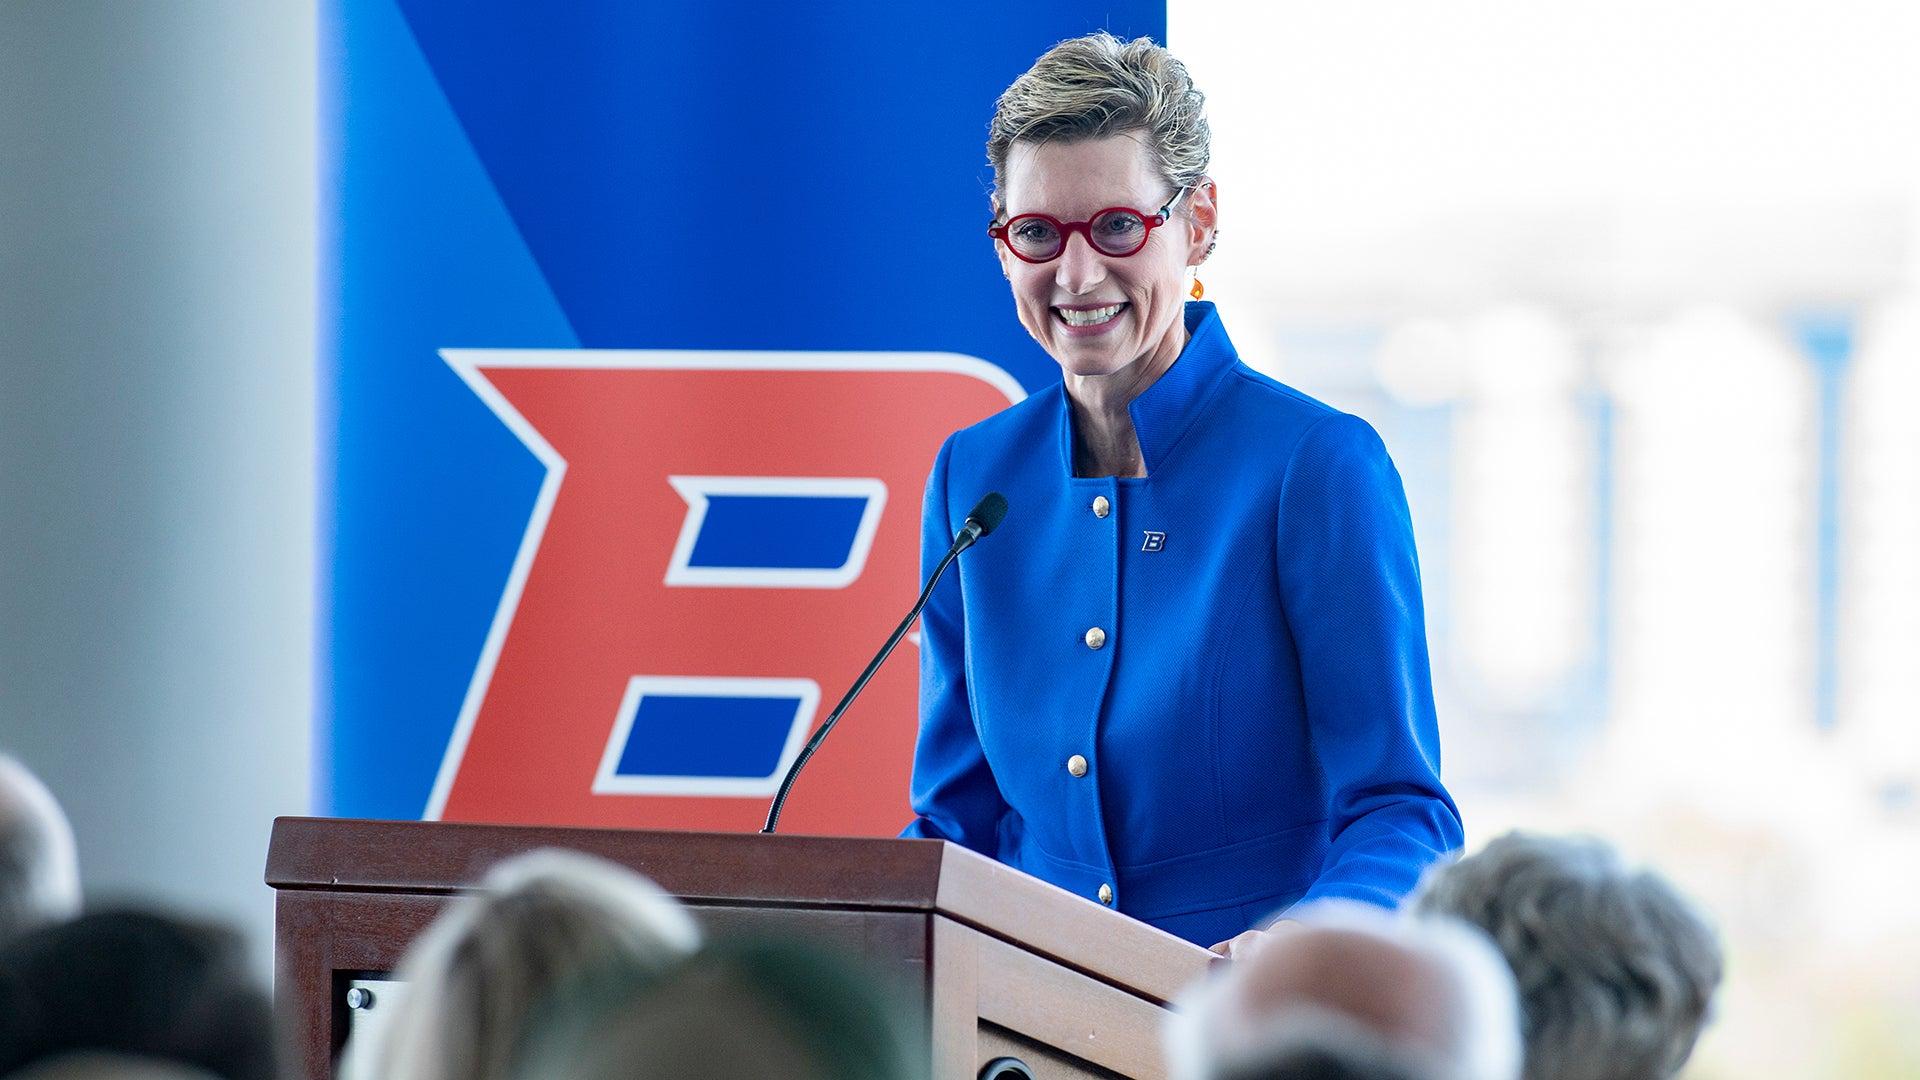 2019 Dr. Marlene Tromp becomes 7th university president